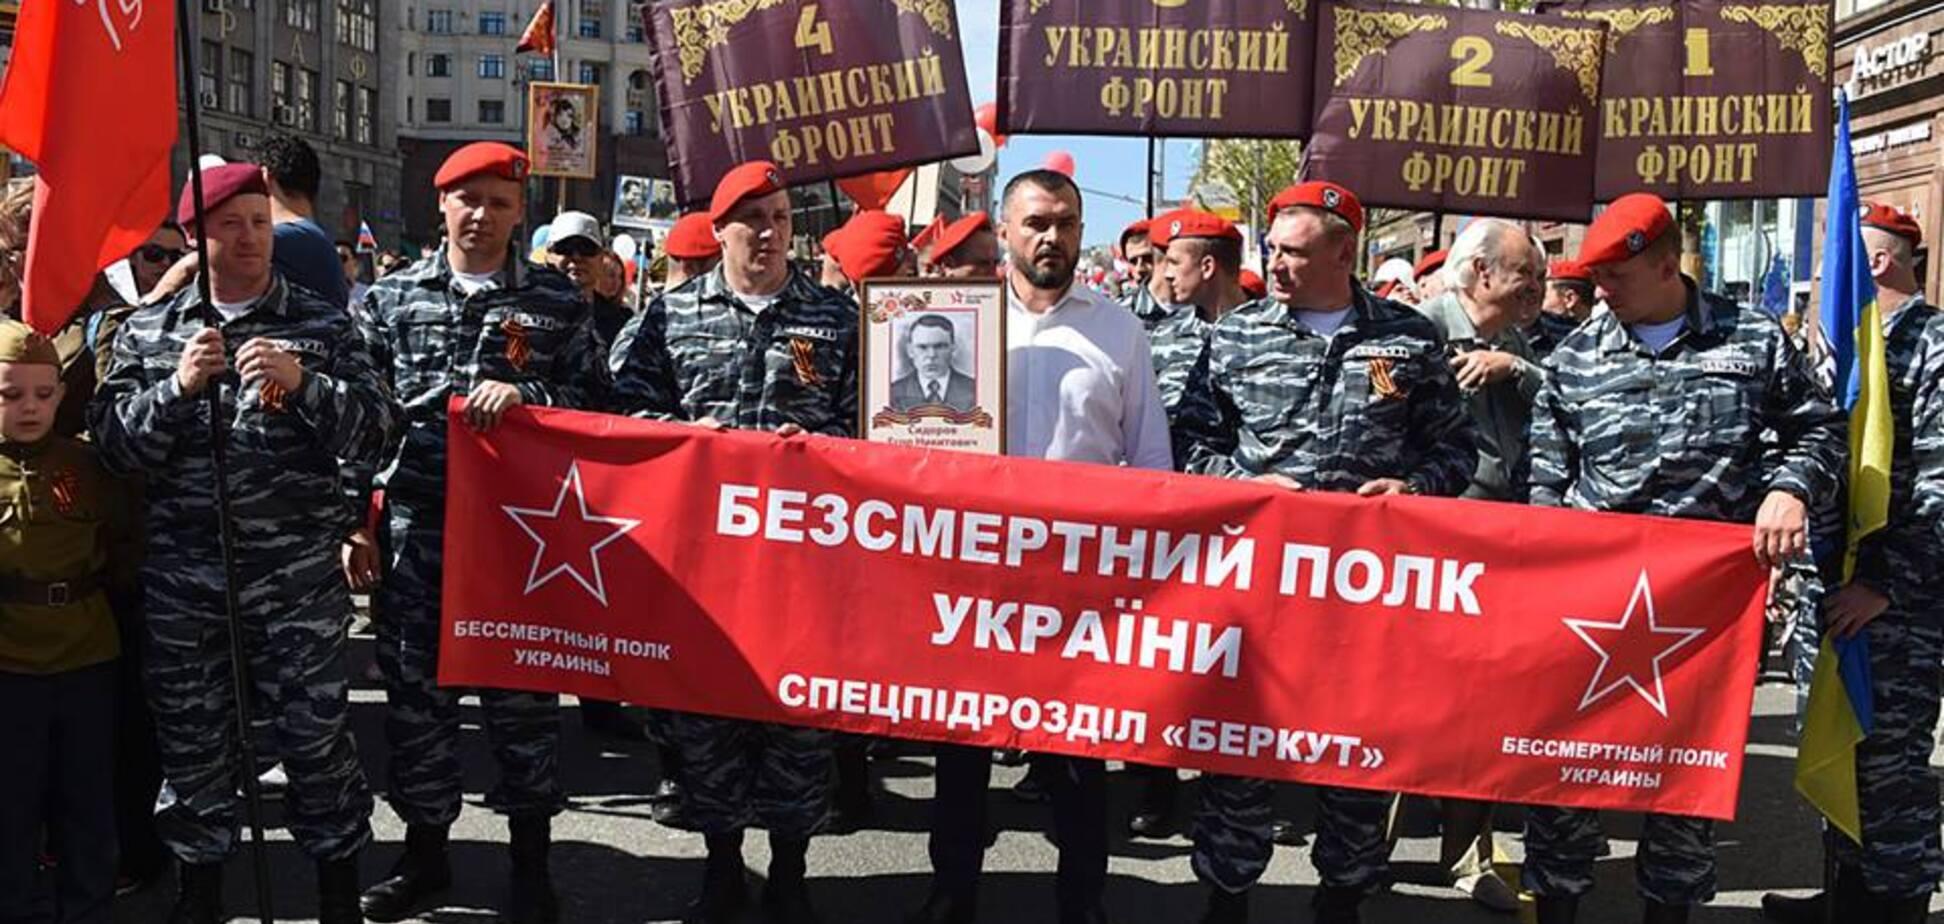 Захарченка, який втік до Росії, побачили в рядах 'Безсмертного полку'